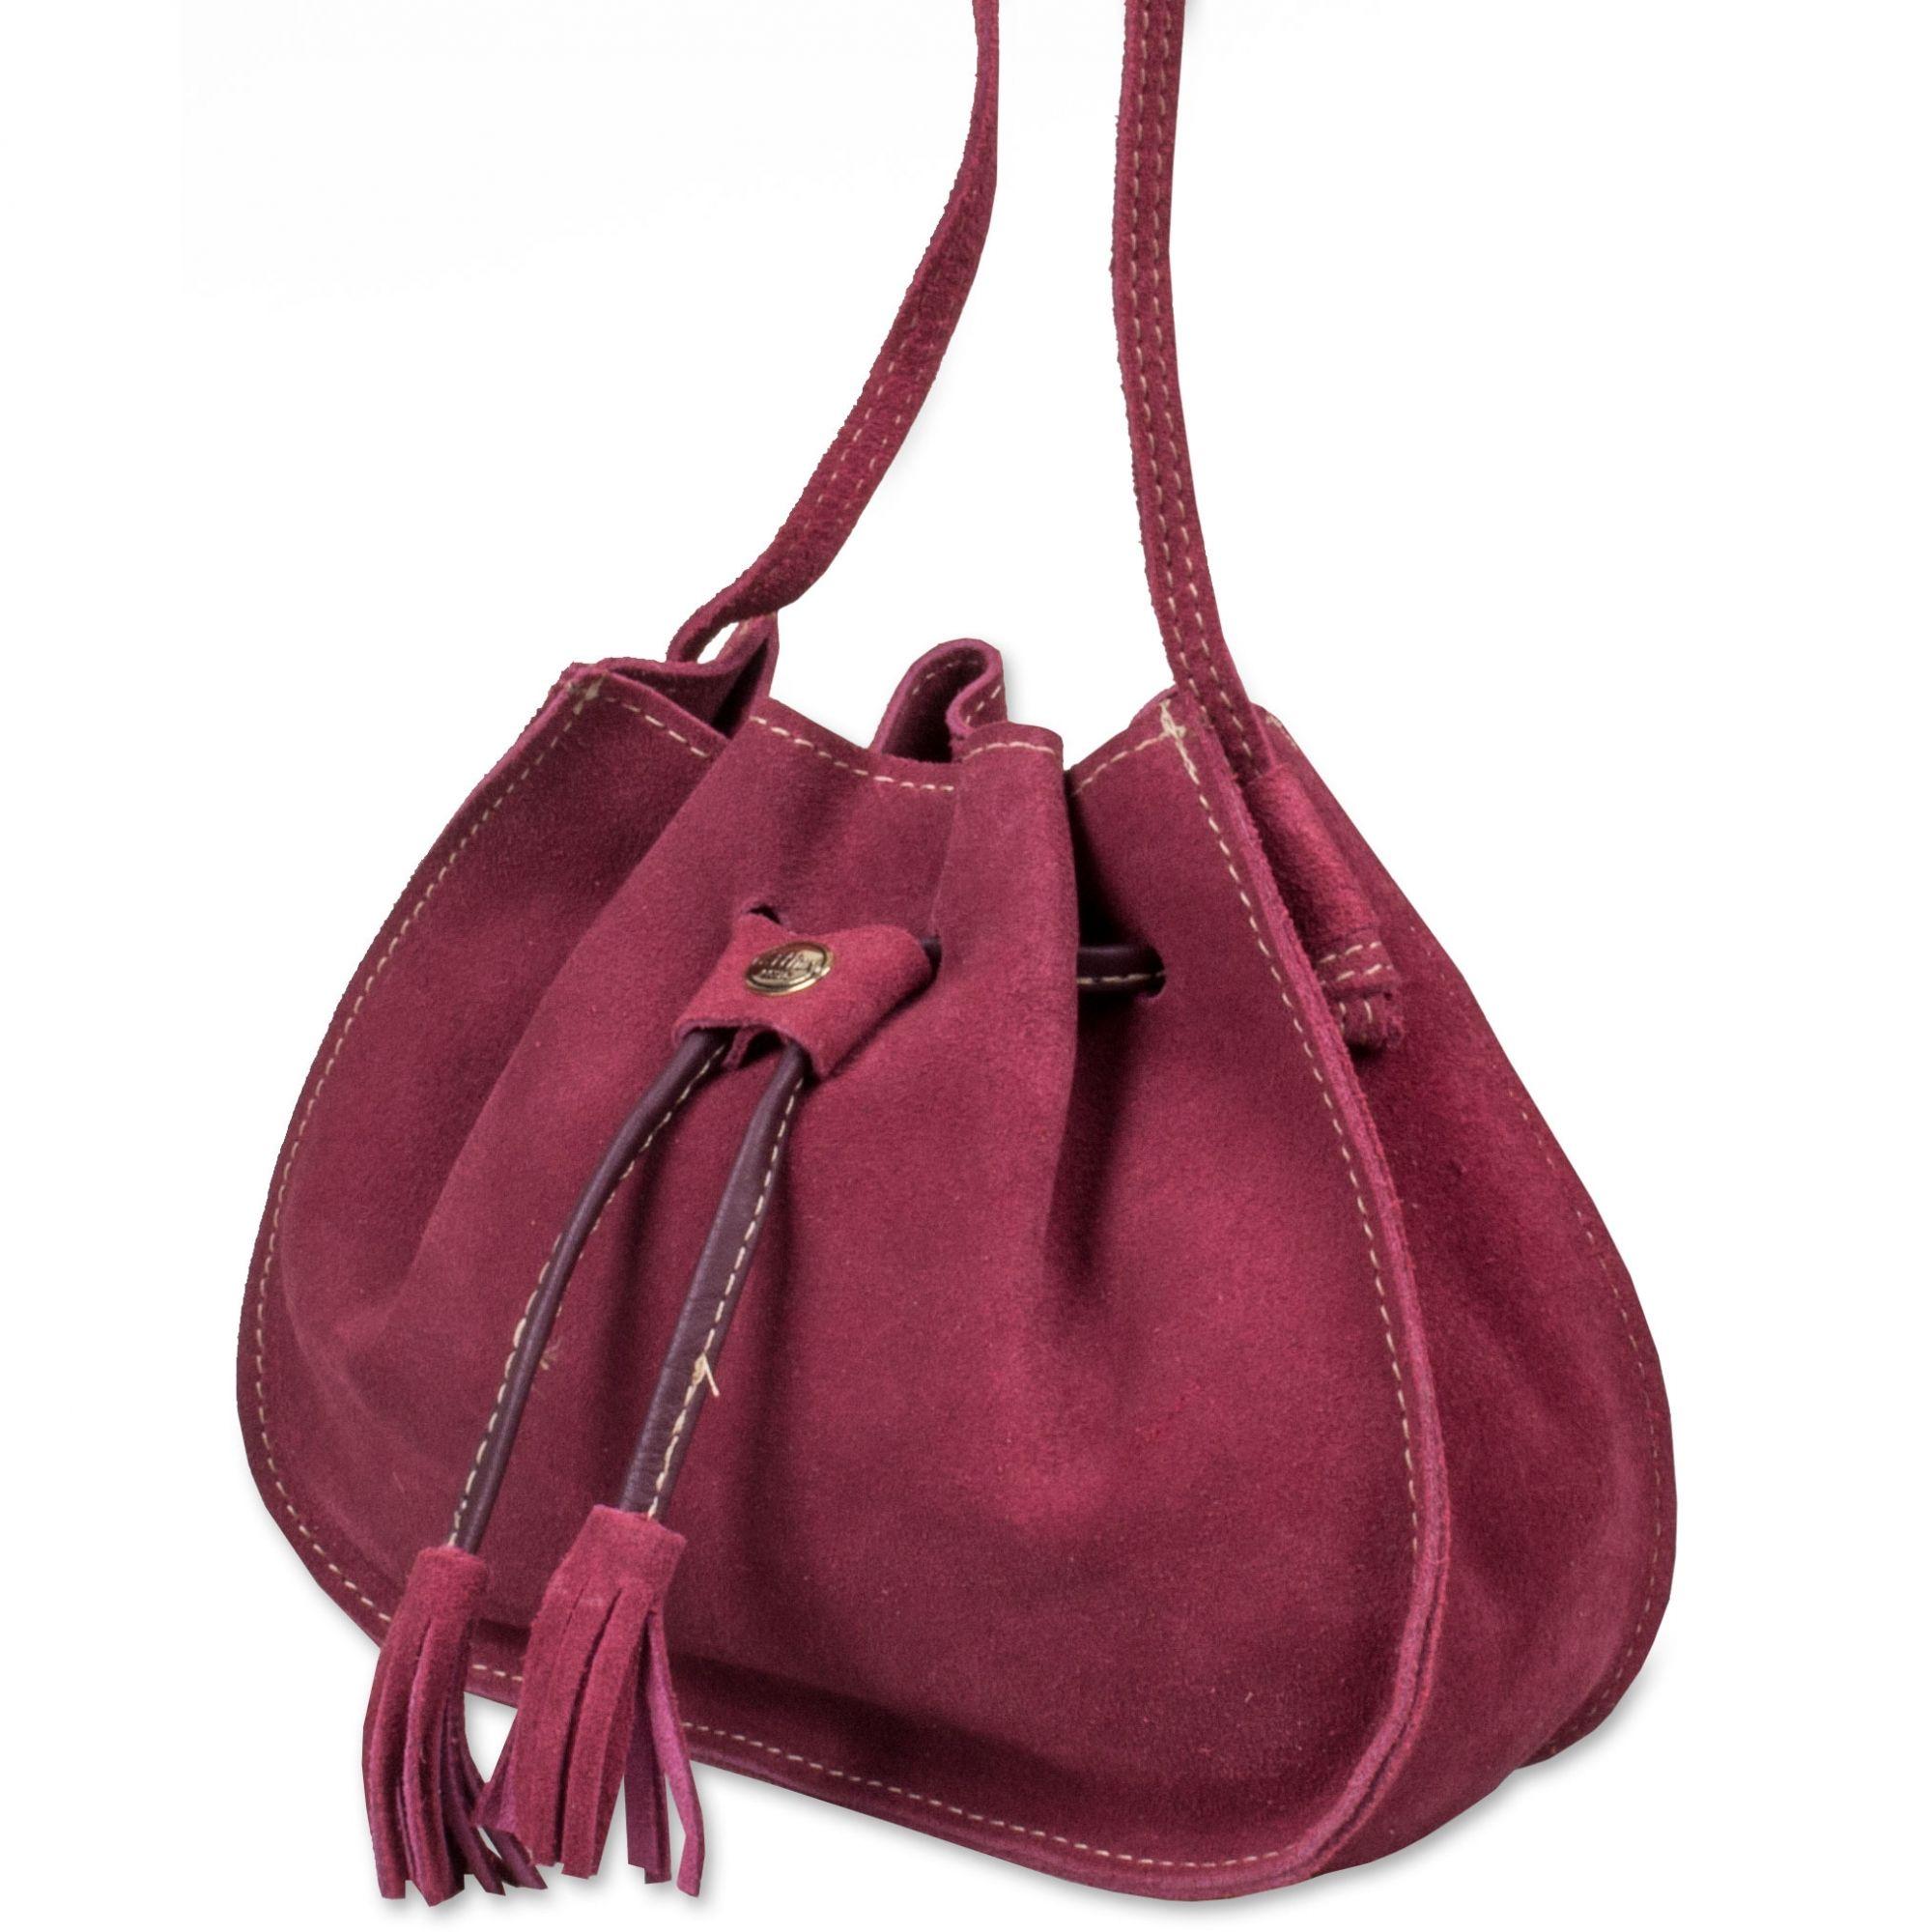 ... Bolsa Saco Feminina de Couro ... 83e4265e7fc